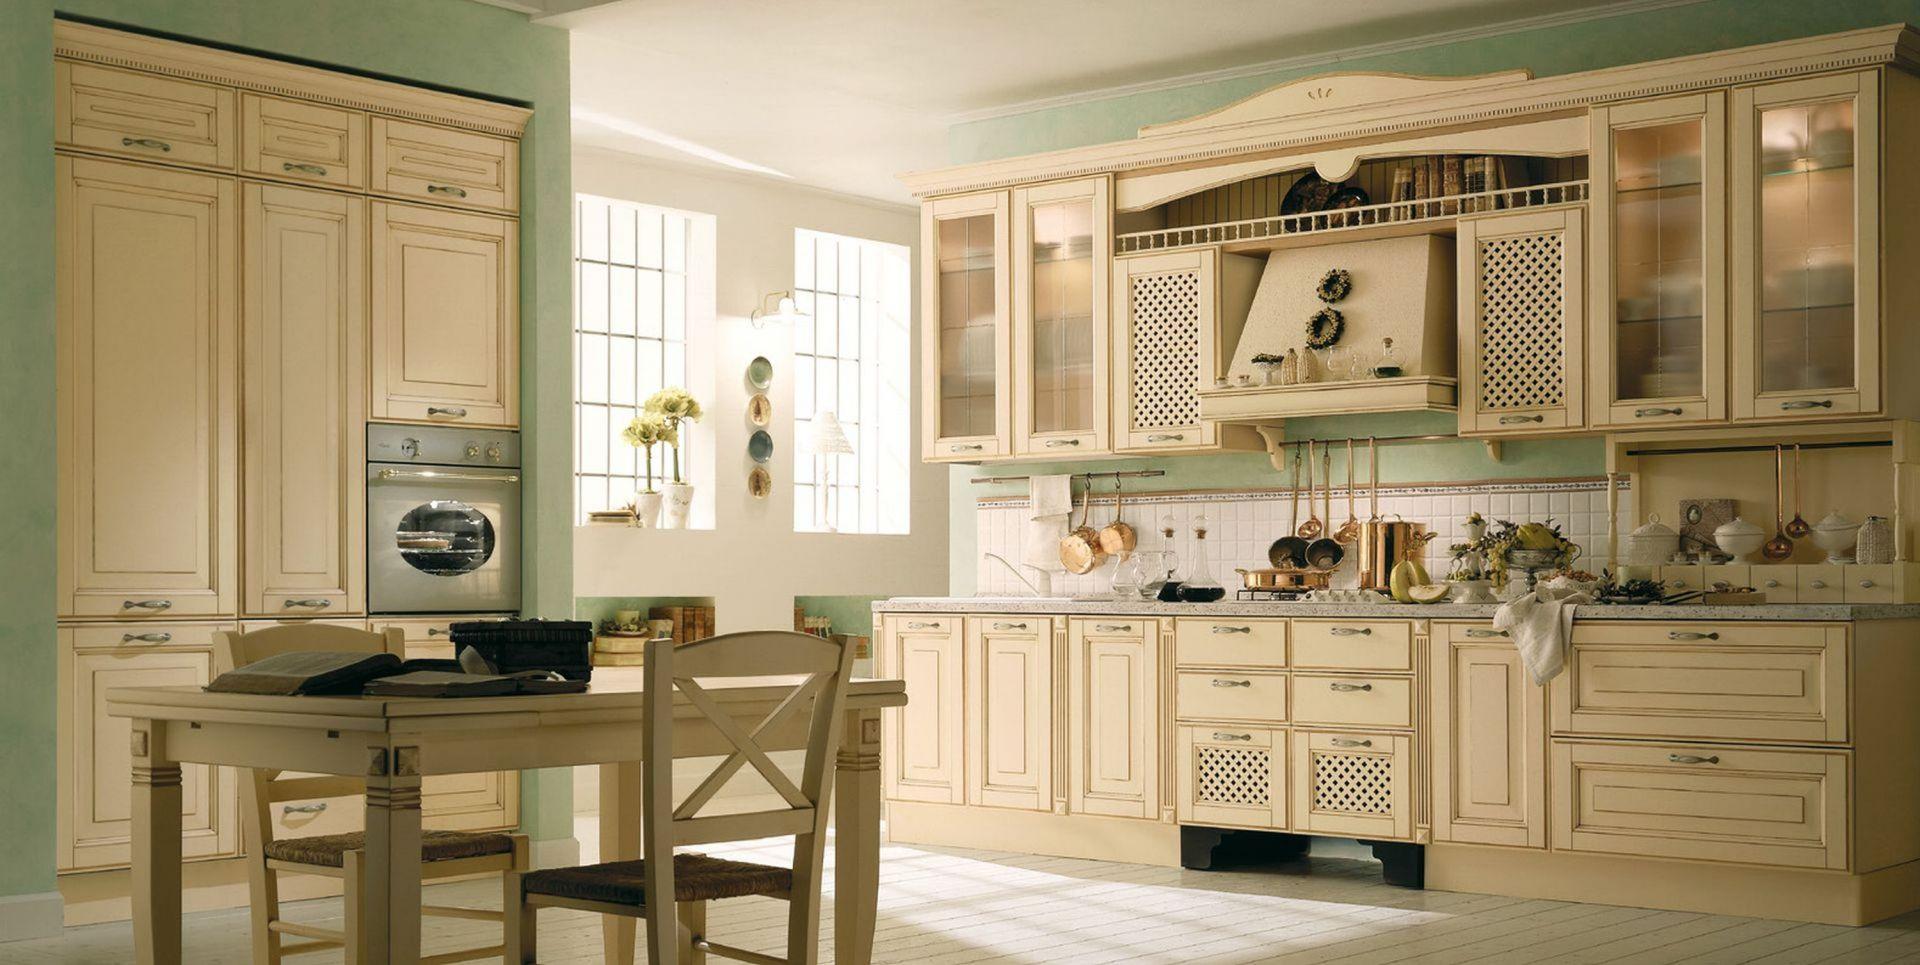 Wiejski styl w kuchni. Fot. Aran Cucine.